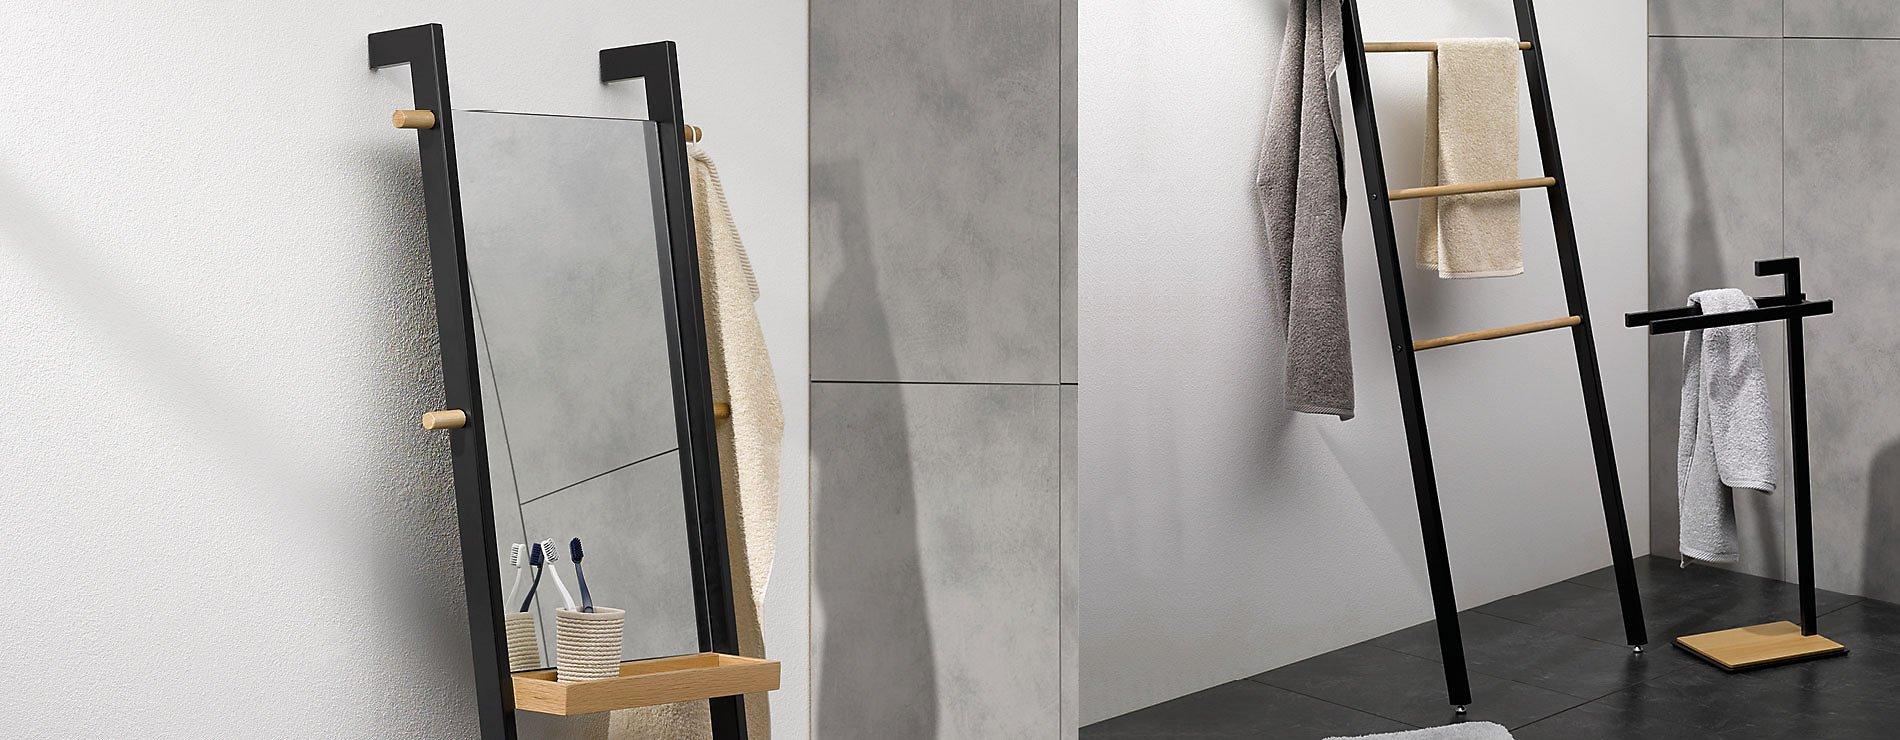 Schöne Kleinmöbel für Ihr Badezimmer in schwarz und braun, Serie Oak von Kela